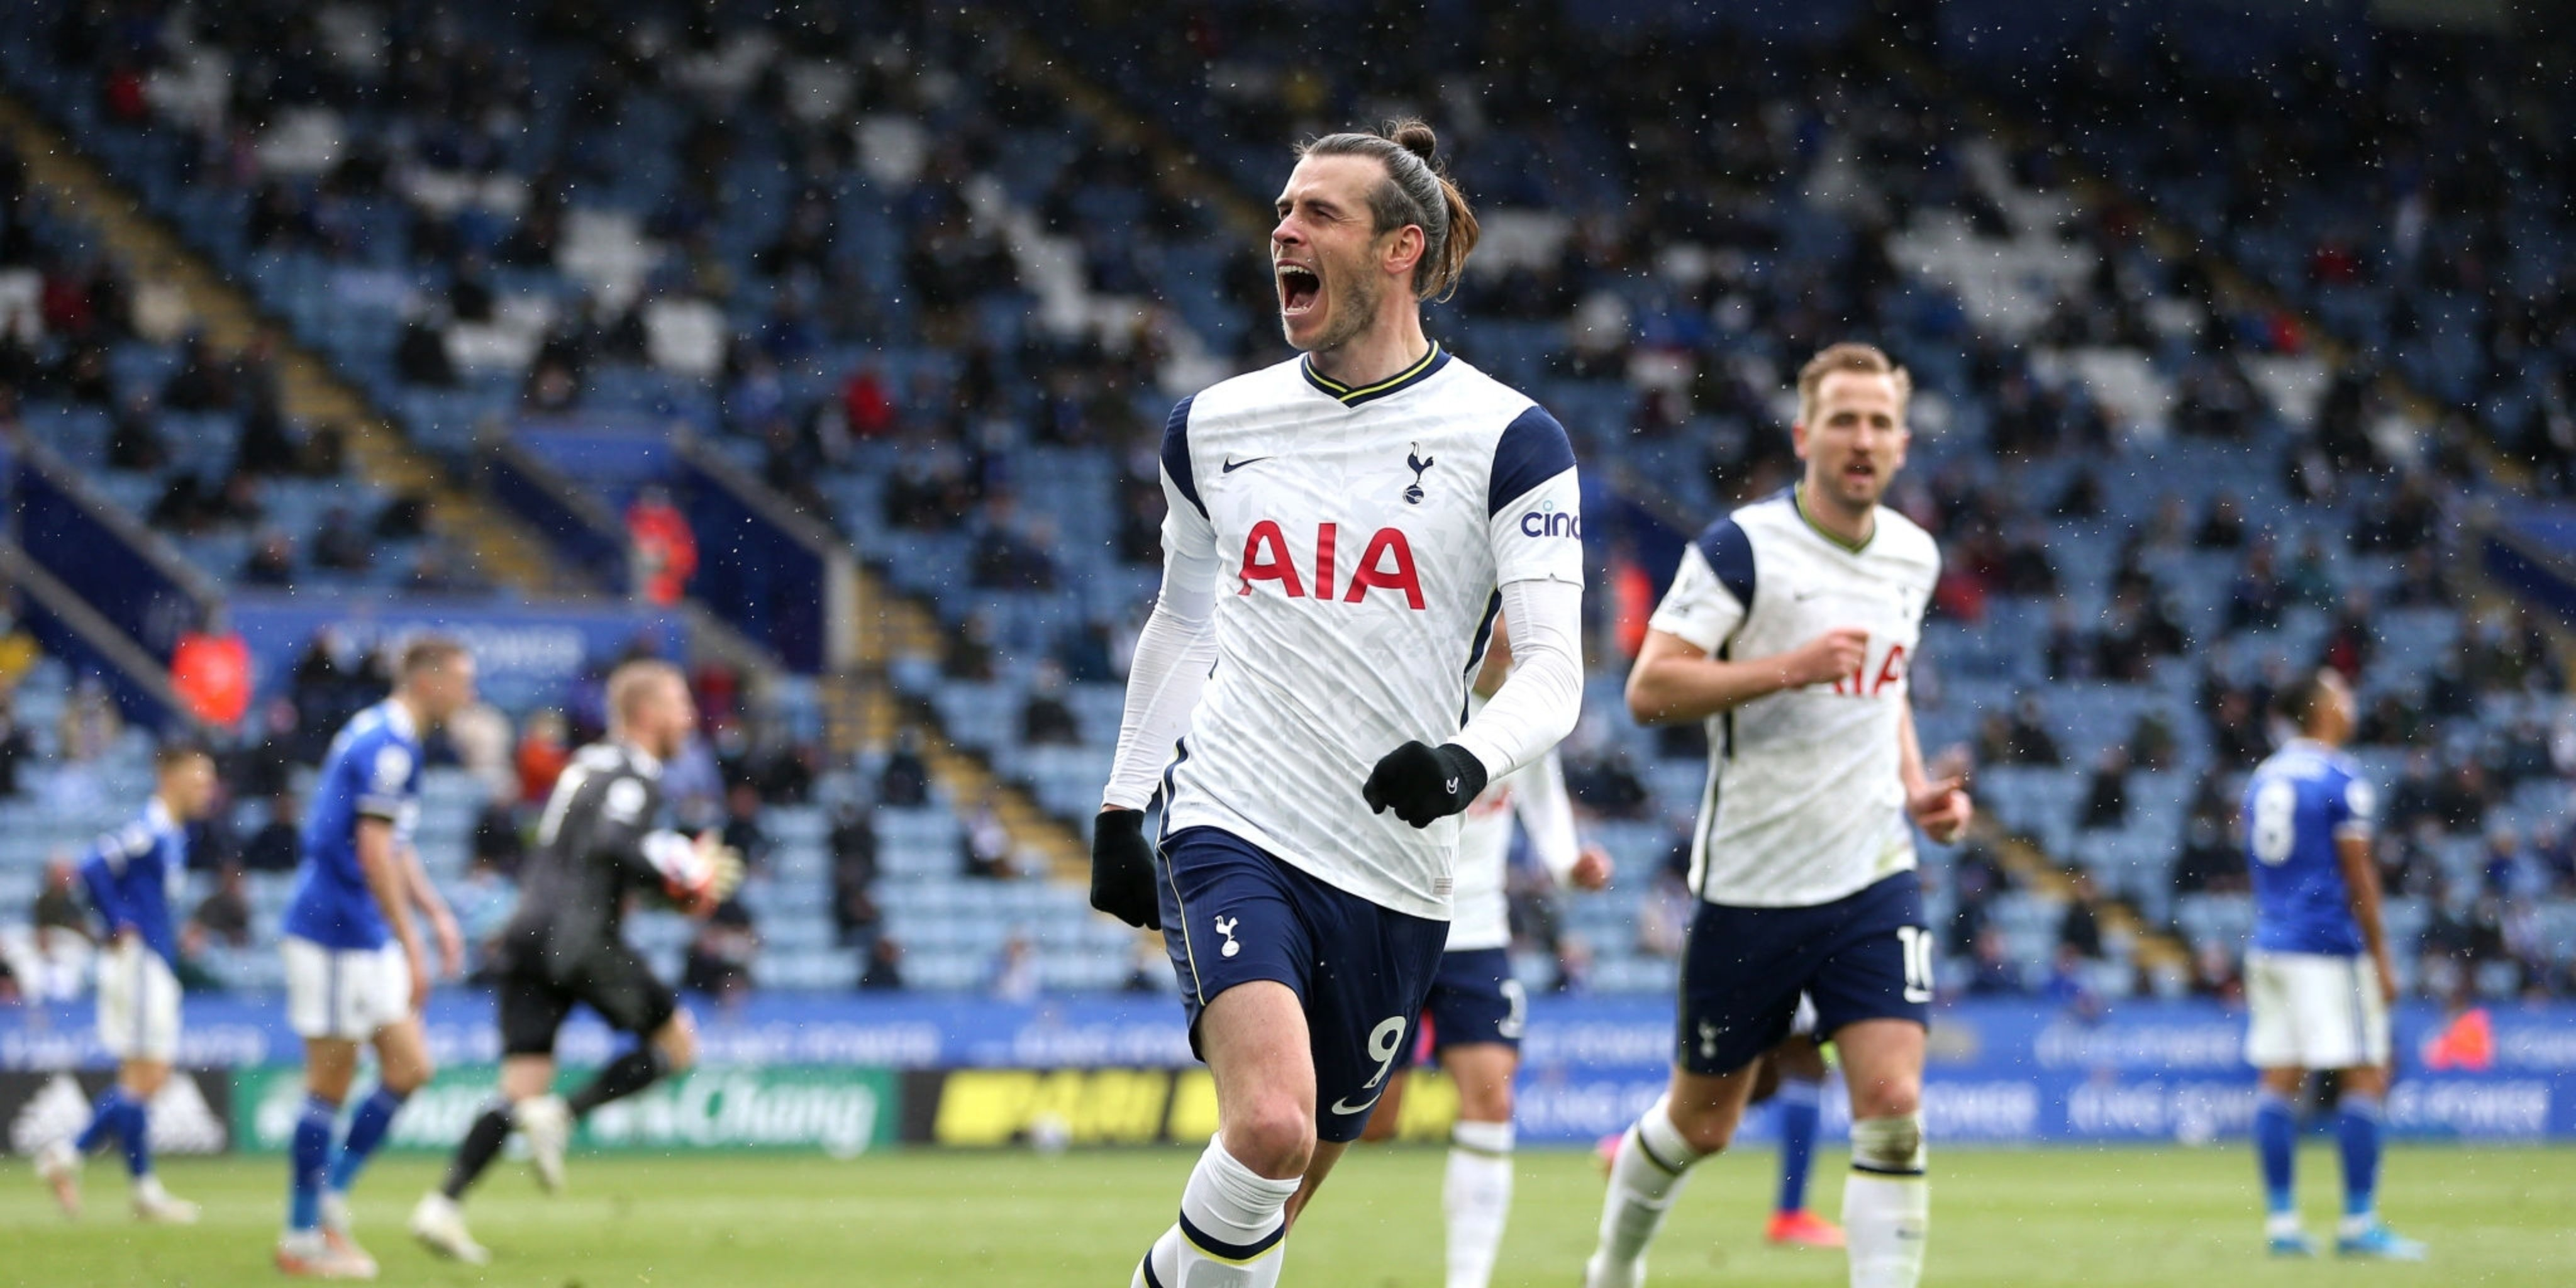 Liverpool move for 11-goal Tottenham star possible, says Darren Bent